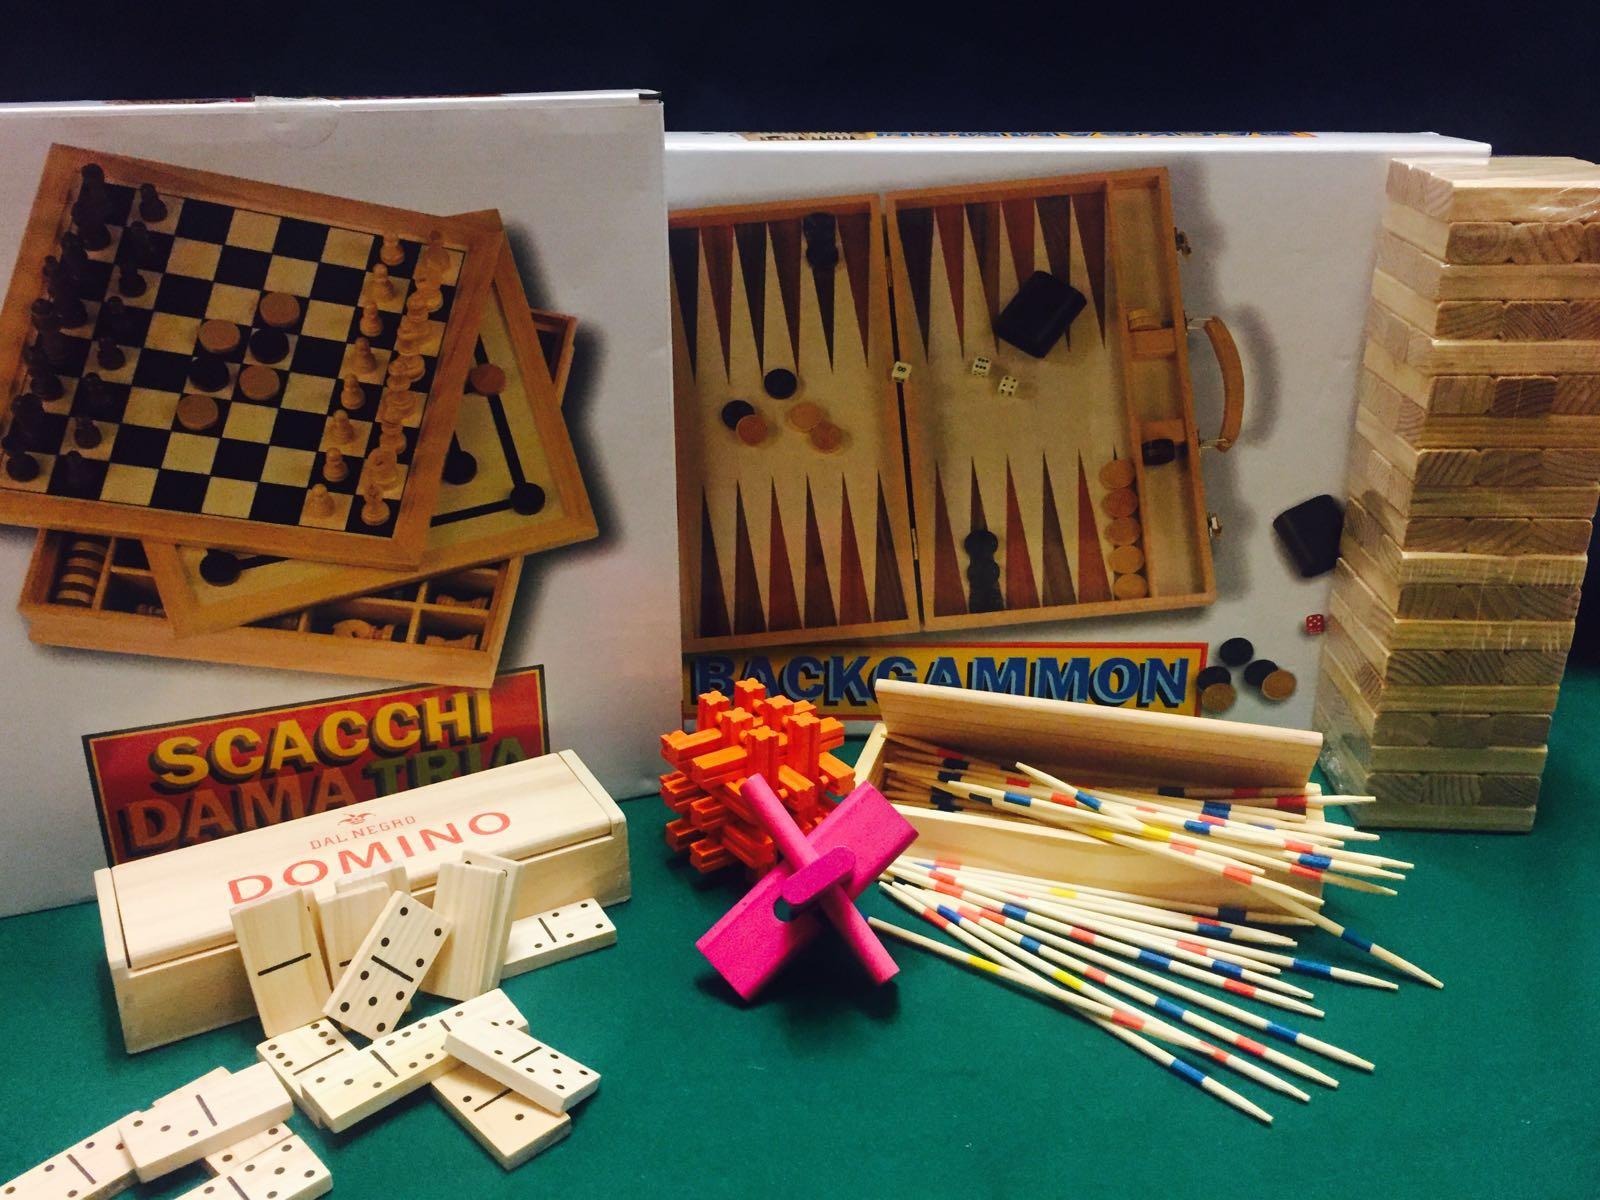 Scacchi e dama, Backgammon,Domino, Dama cinese